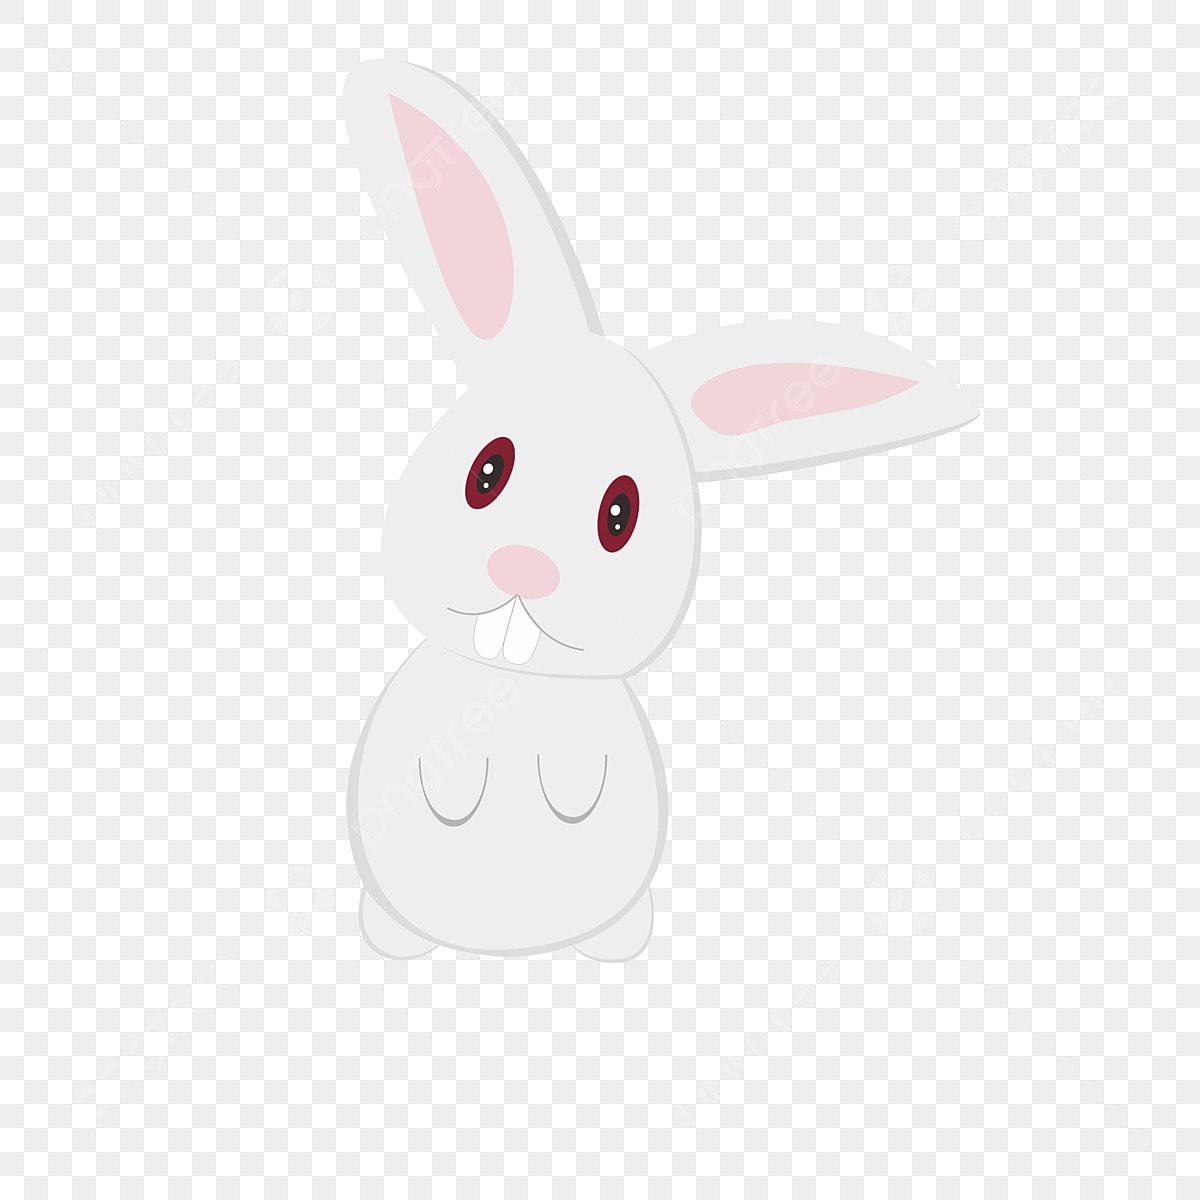 80 Gambar Animasi Cute HD